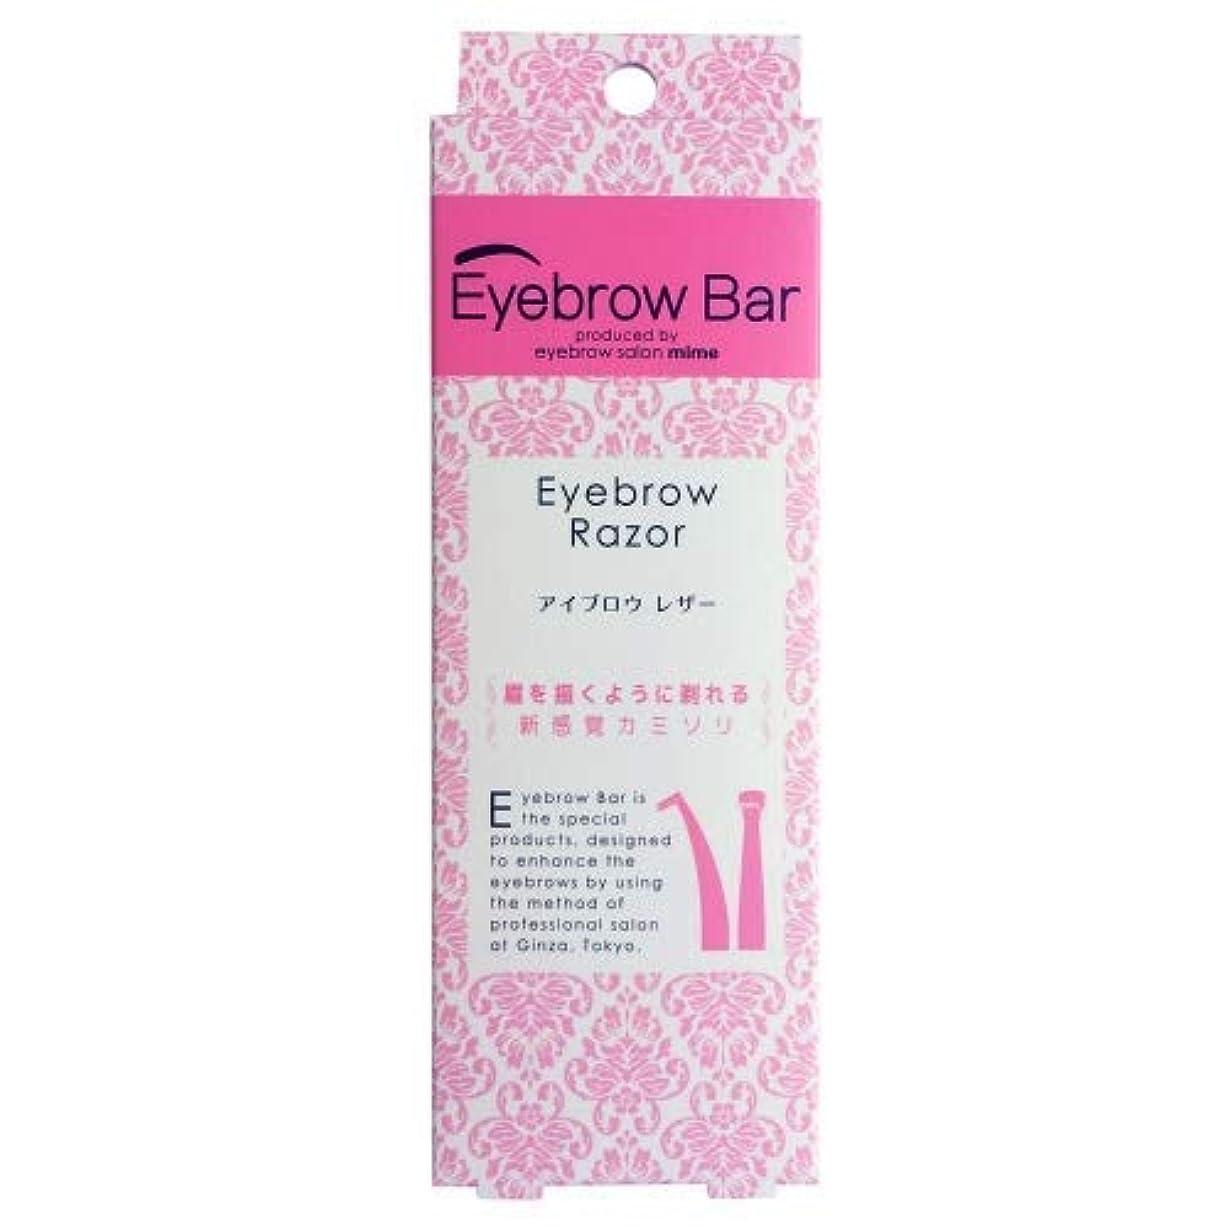 のため希少性サーカスEBB-03 Eyebrow Bar アイブロウ レザー 1本 × 4個セット